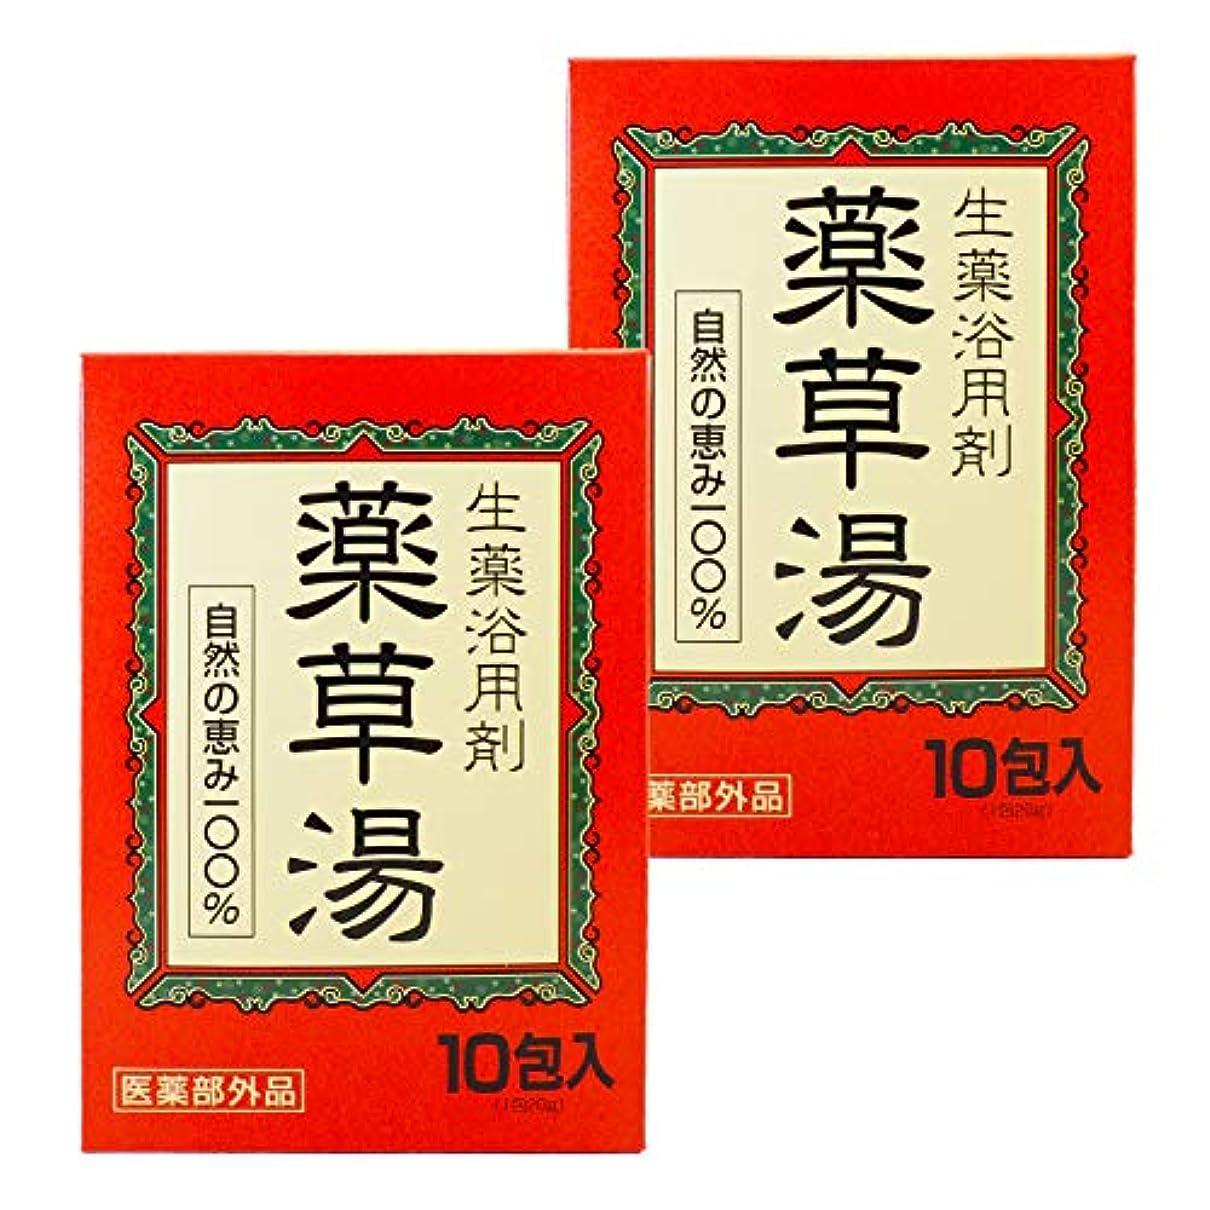 手綱効果的安定【まとめ買い】 薬草湯 生薬浴用剤 10包入×2個 自然のめぐみ100% 医薬部外品